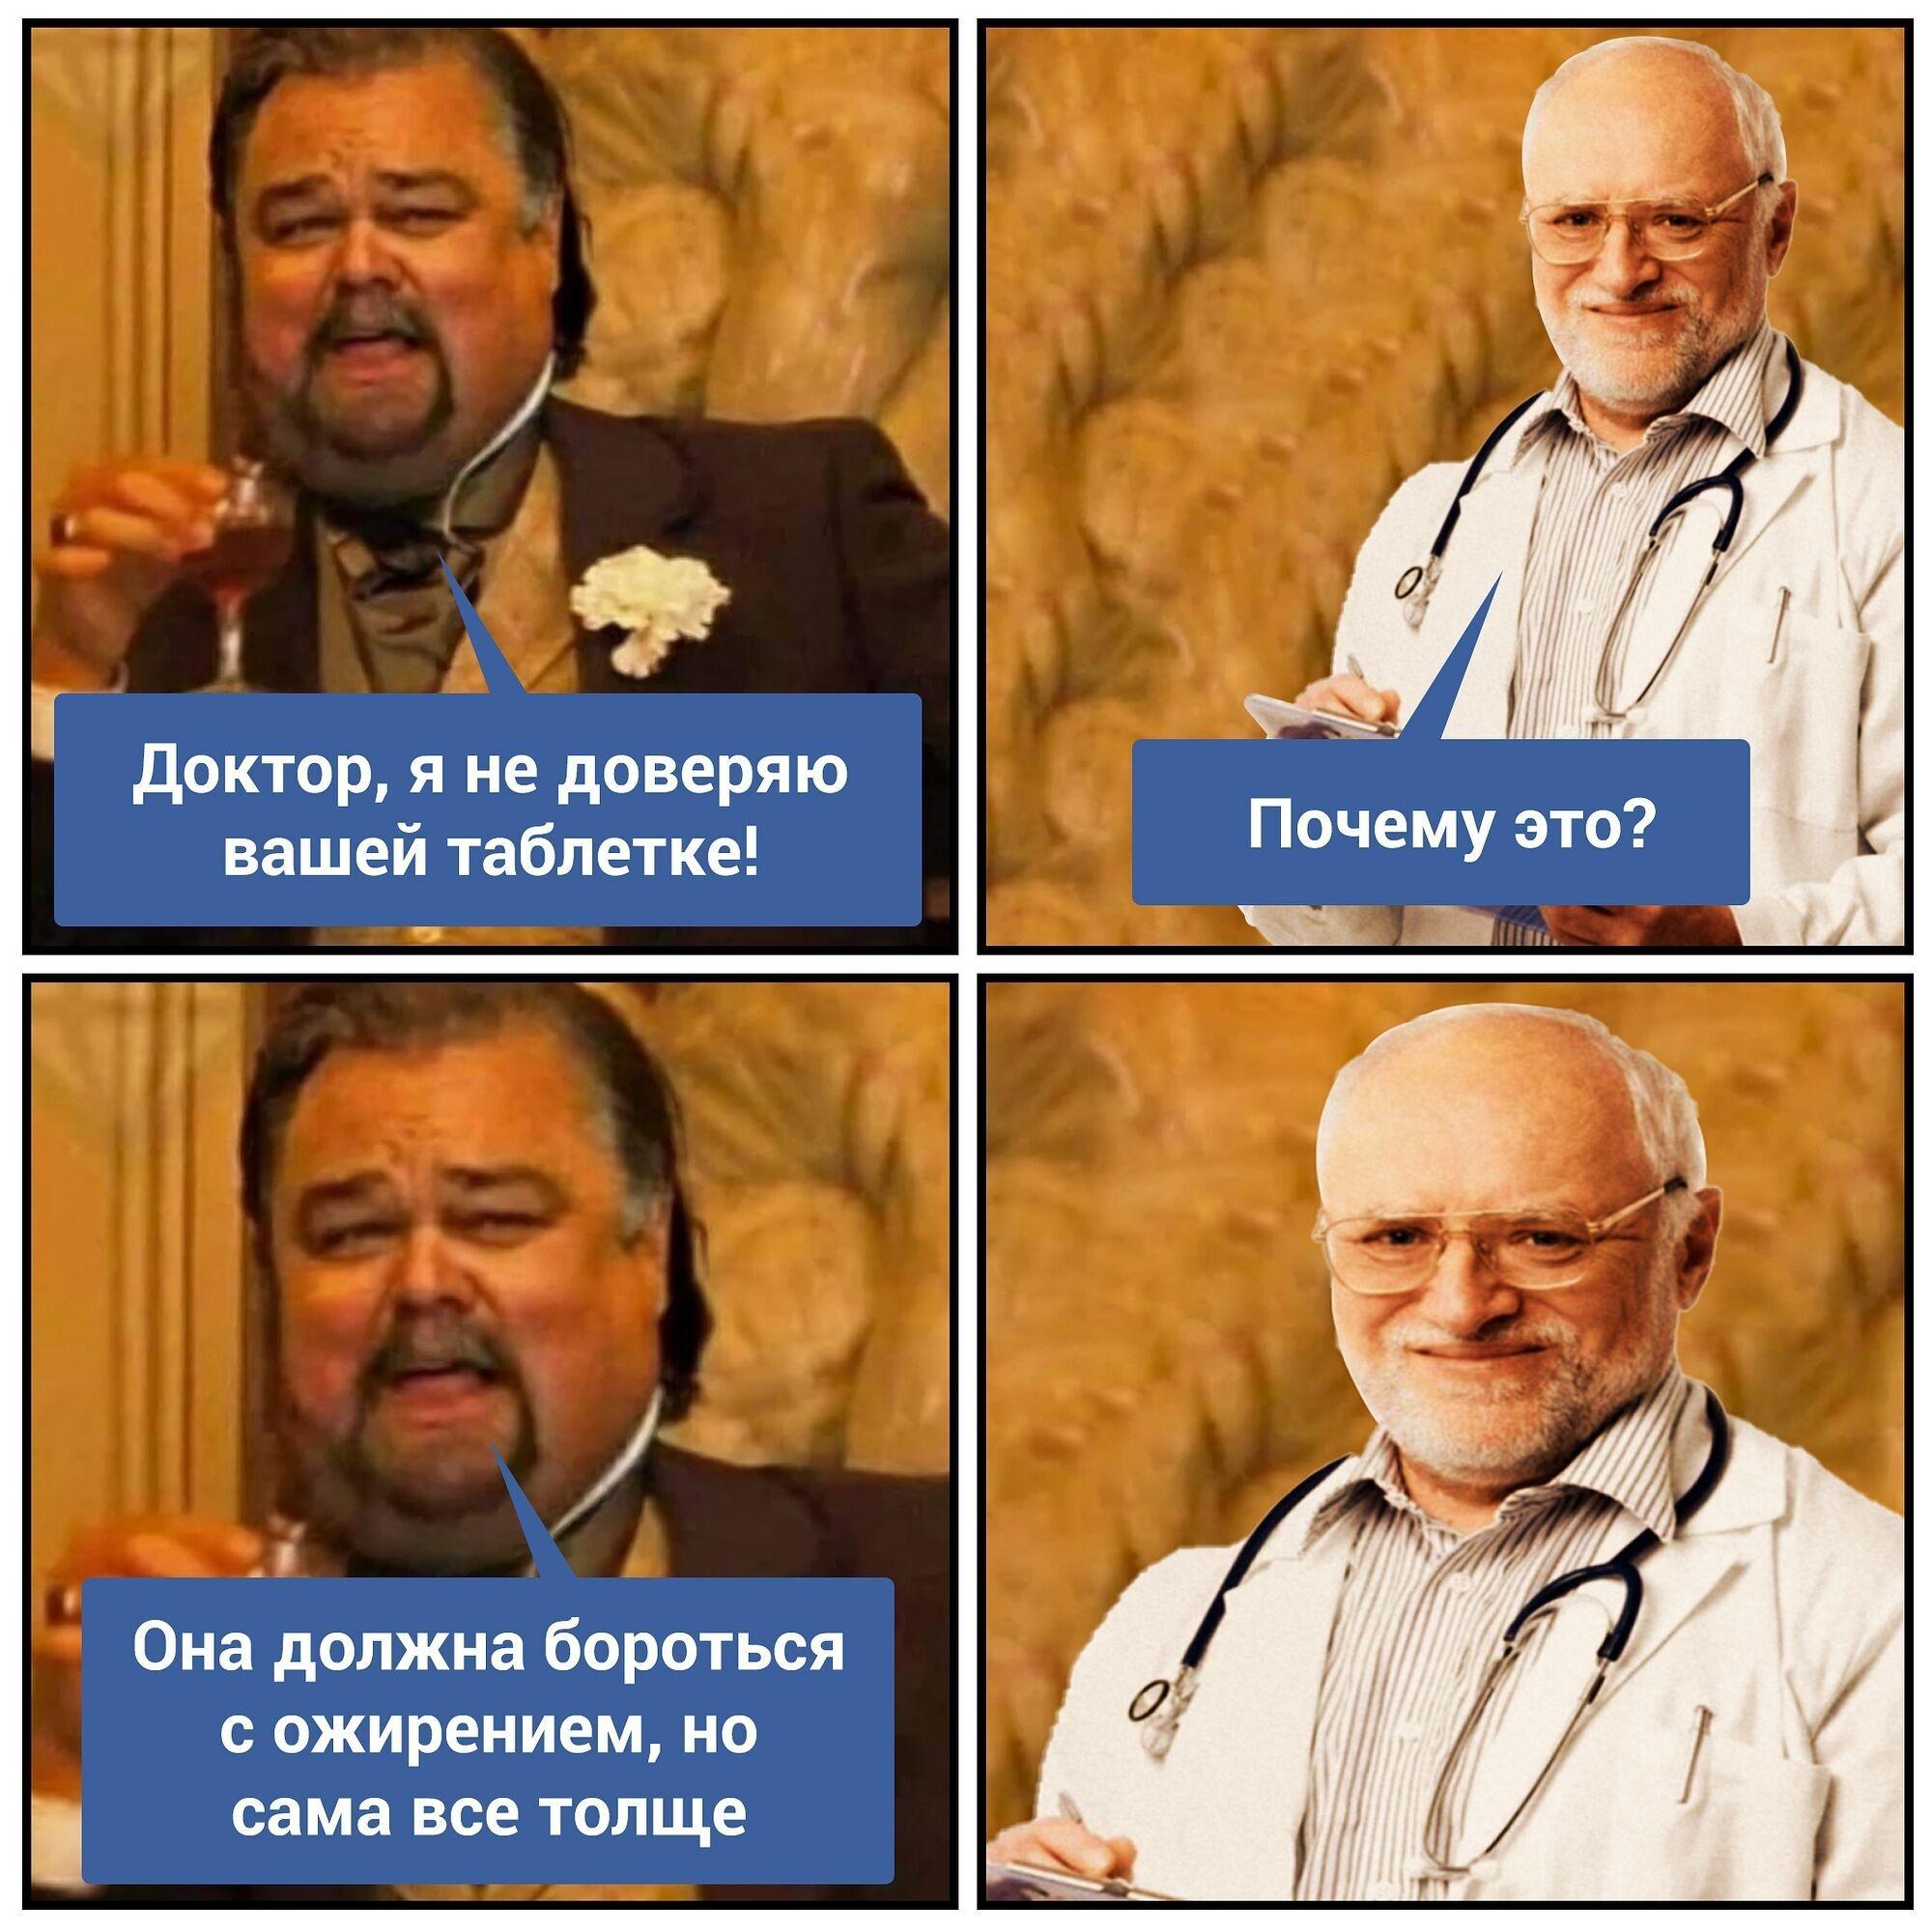 Мем про лікарів